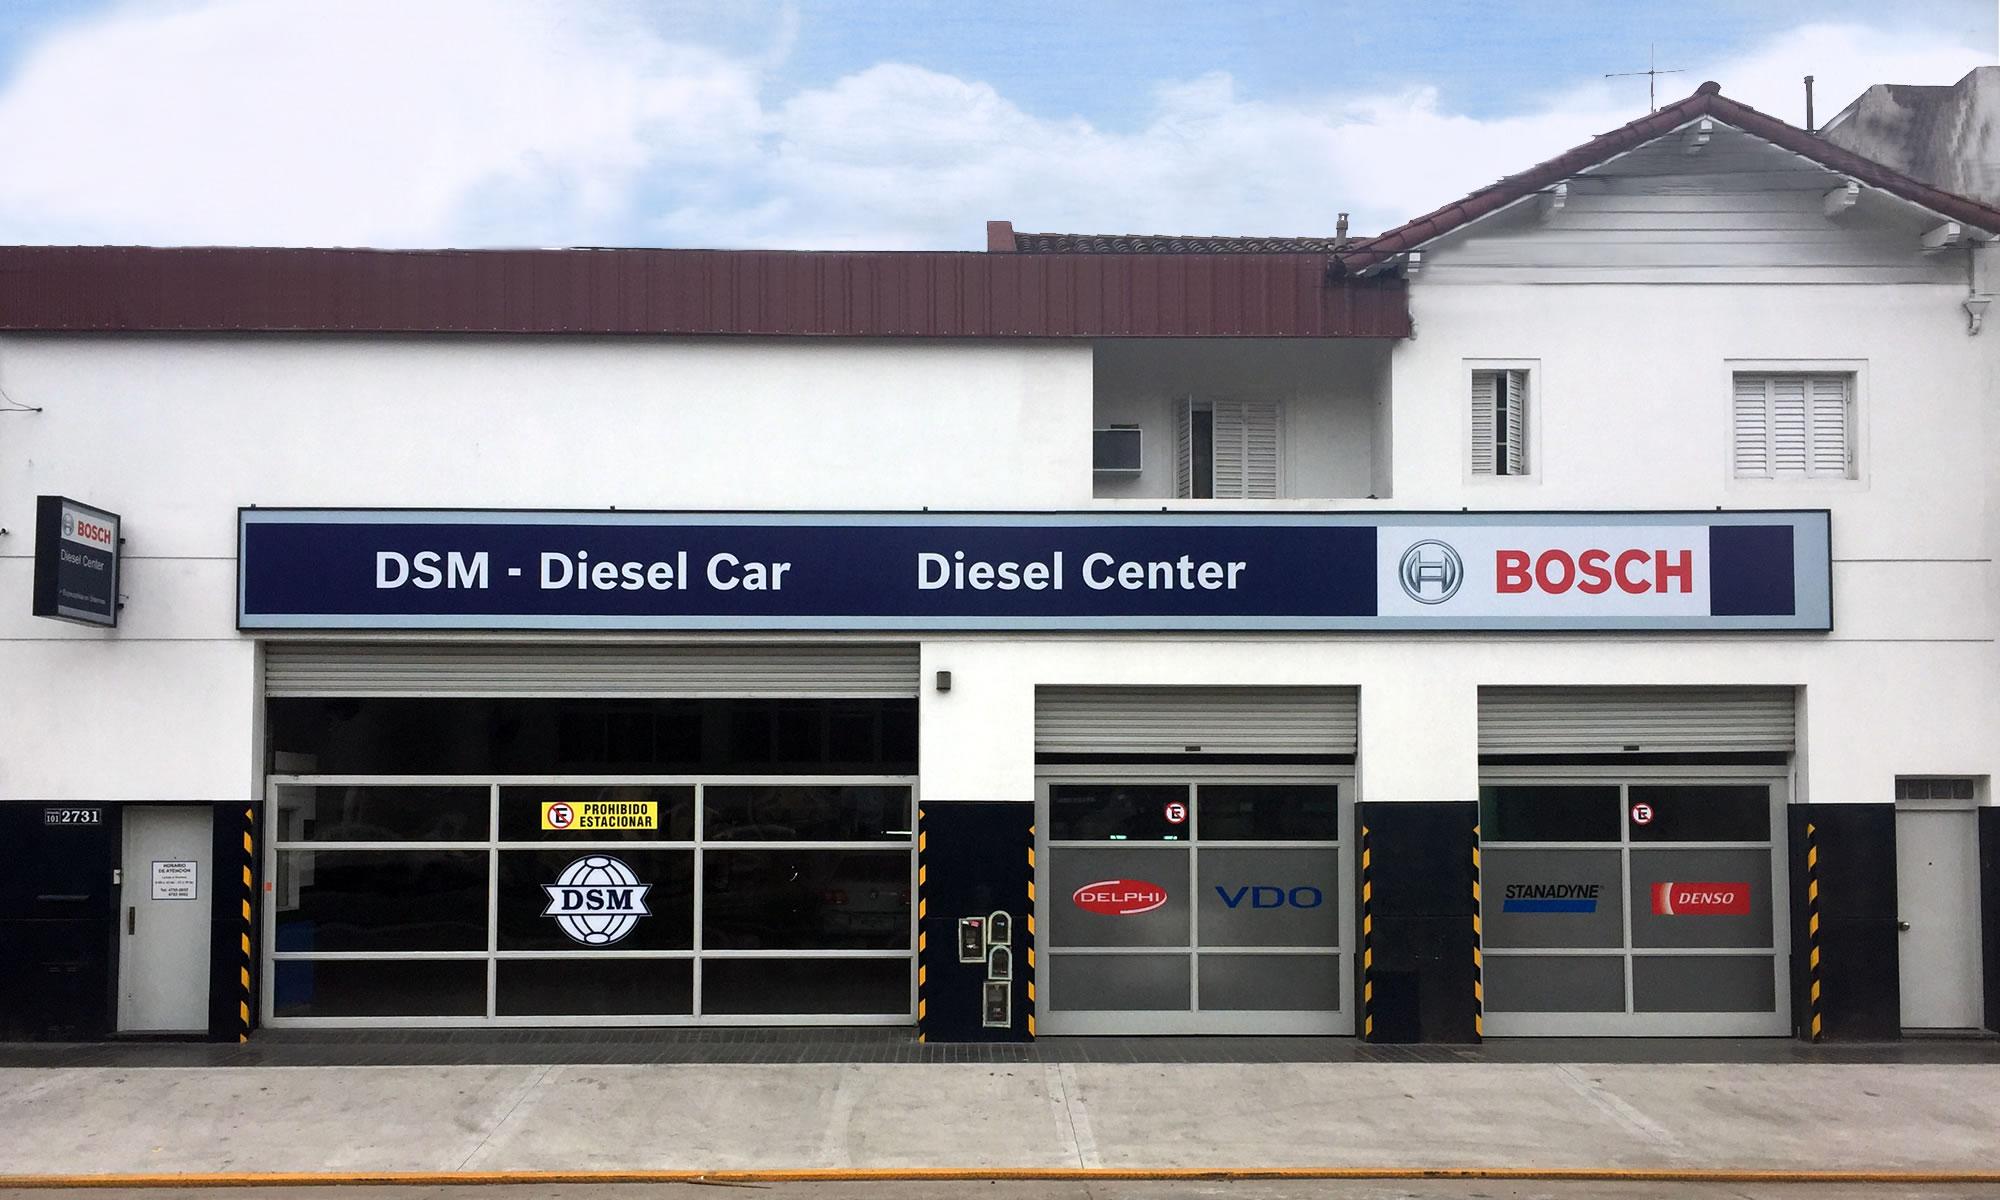 Bombas Inyeccion Diesel Dsm Diesel Car